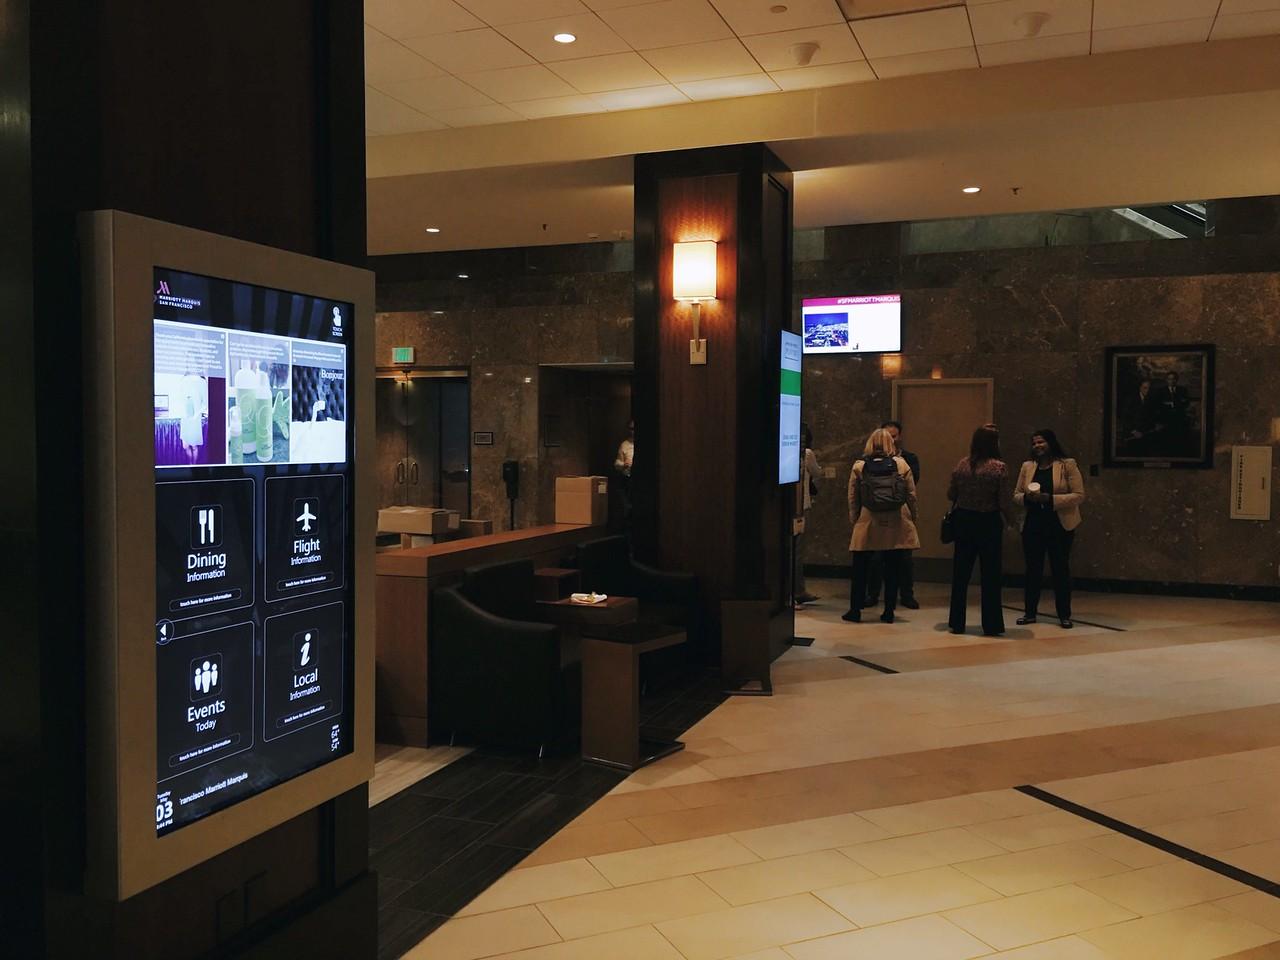 Marriott Hotel Displays